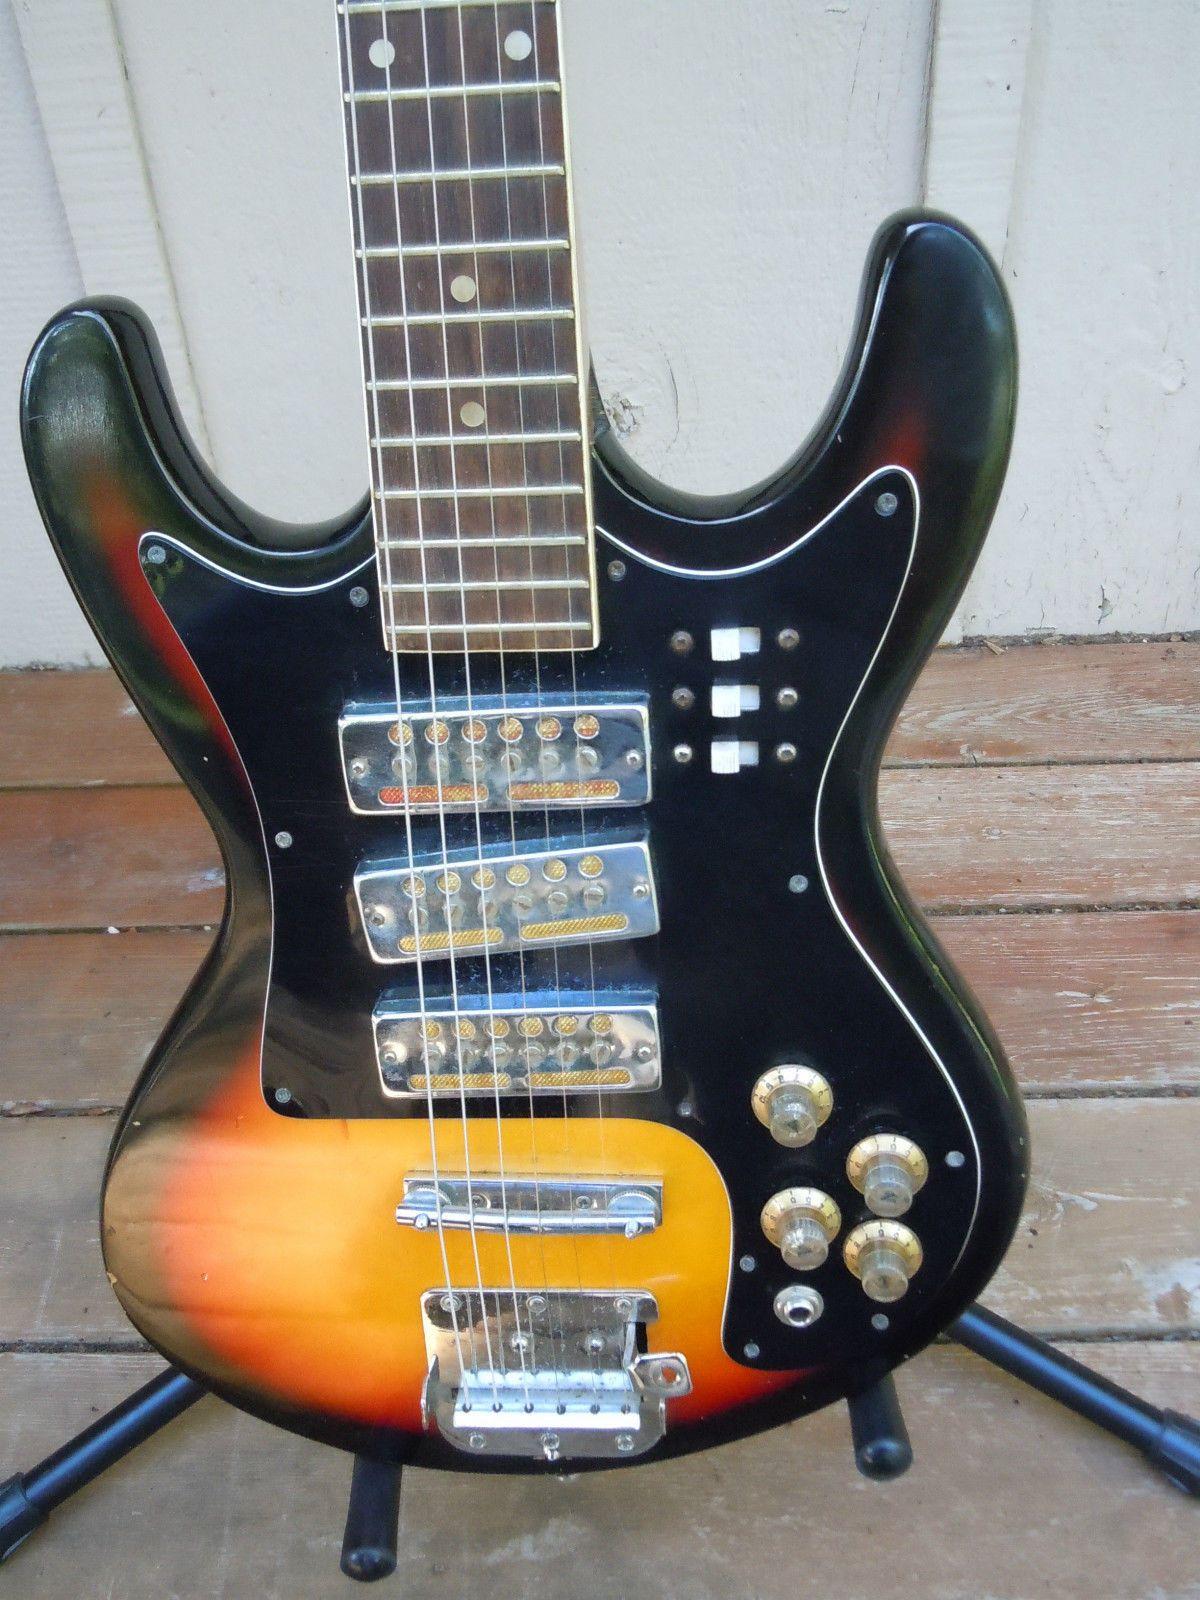 vintage electric japanese guitar teisco kawai kingston similar [ 1200 x 1600 Pixel ]